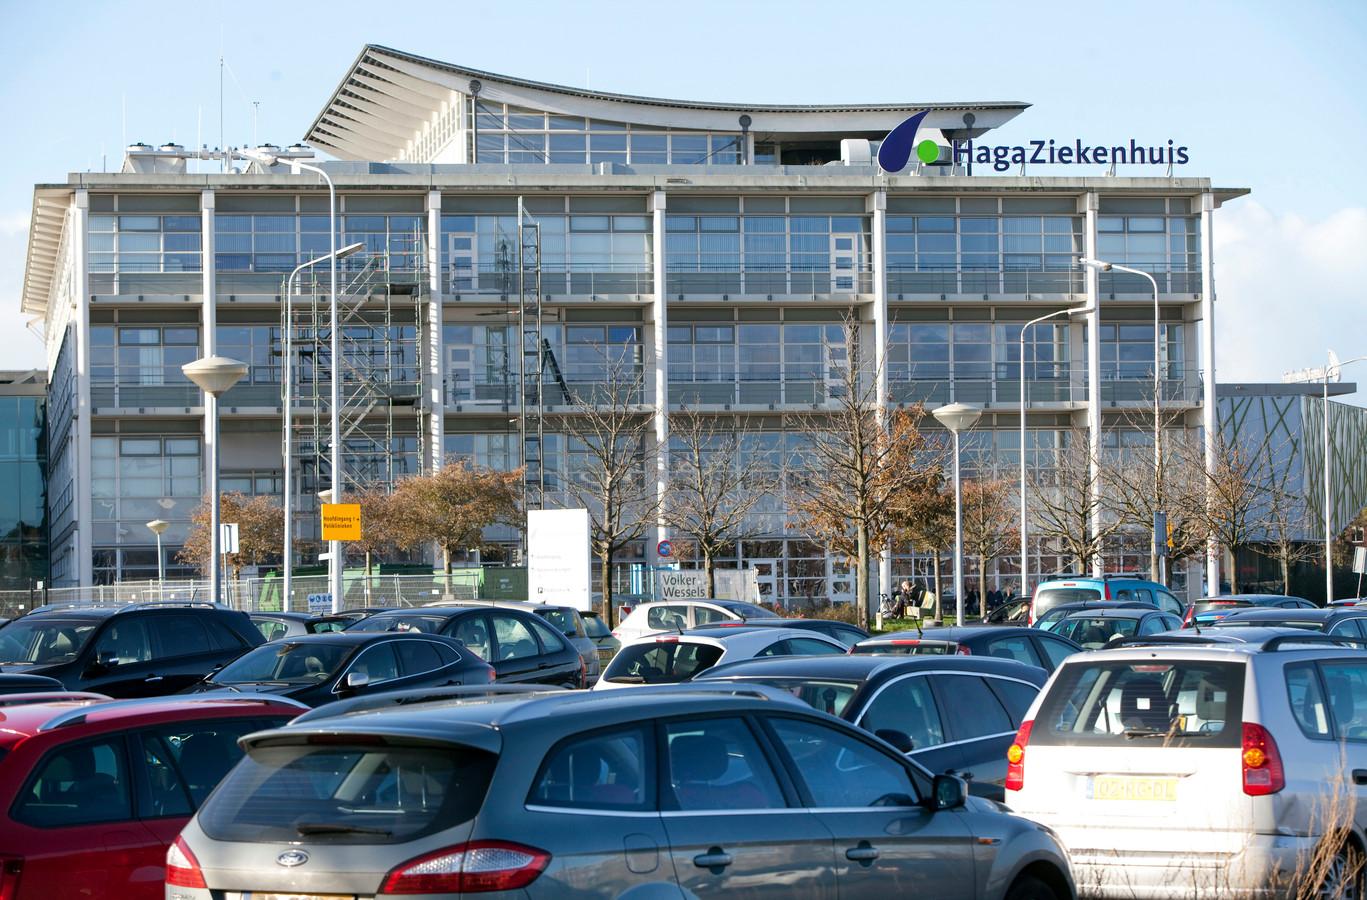 Parkeerterrein voor het Haga Ziekenhuis in Den Haag.